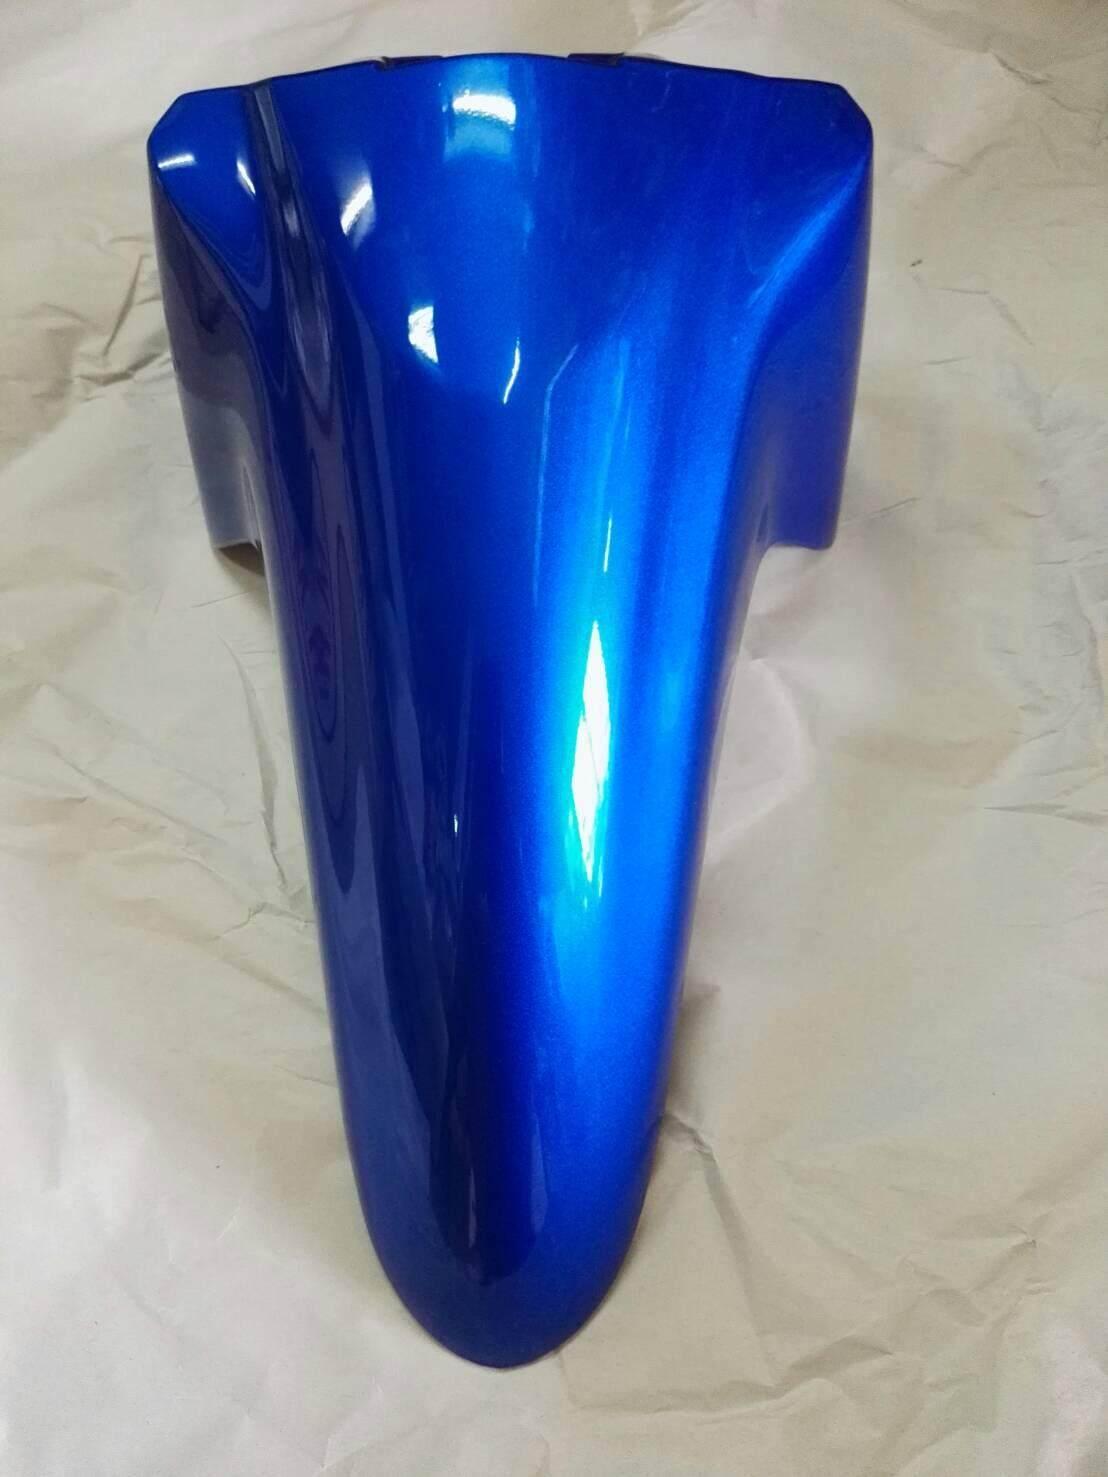 บังโคลนหน้า Wave110-I สีน้ำเงิน By Thesassygirl.